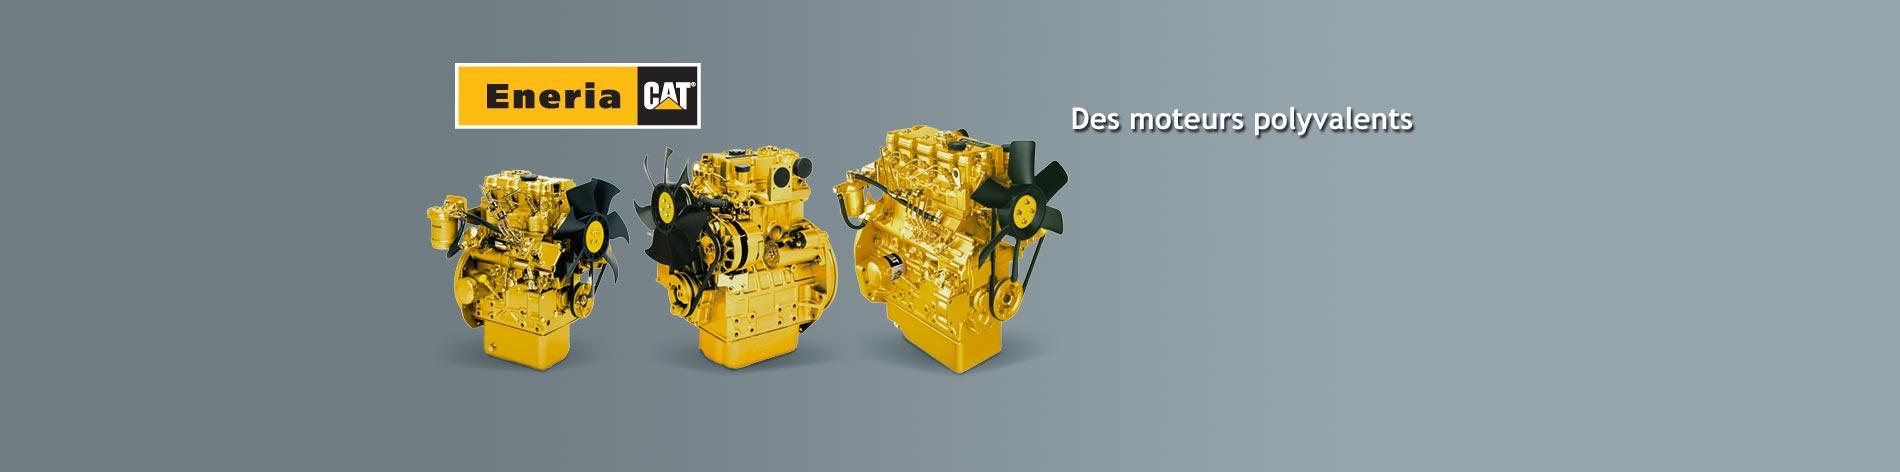 Nous vous proposons une gamme complète de moteurs diesel Caterpillar dans de nombreuses versions.